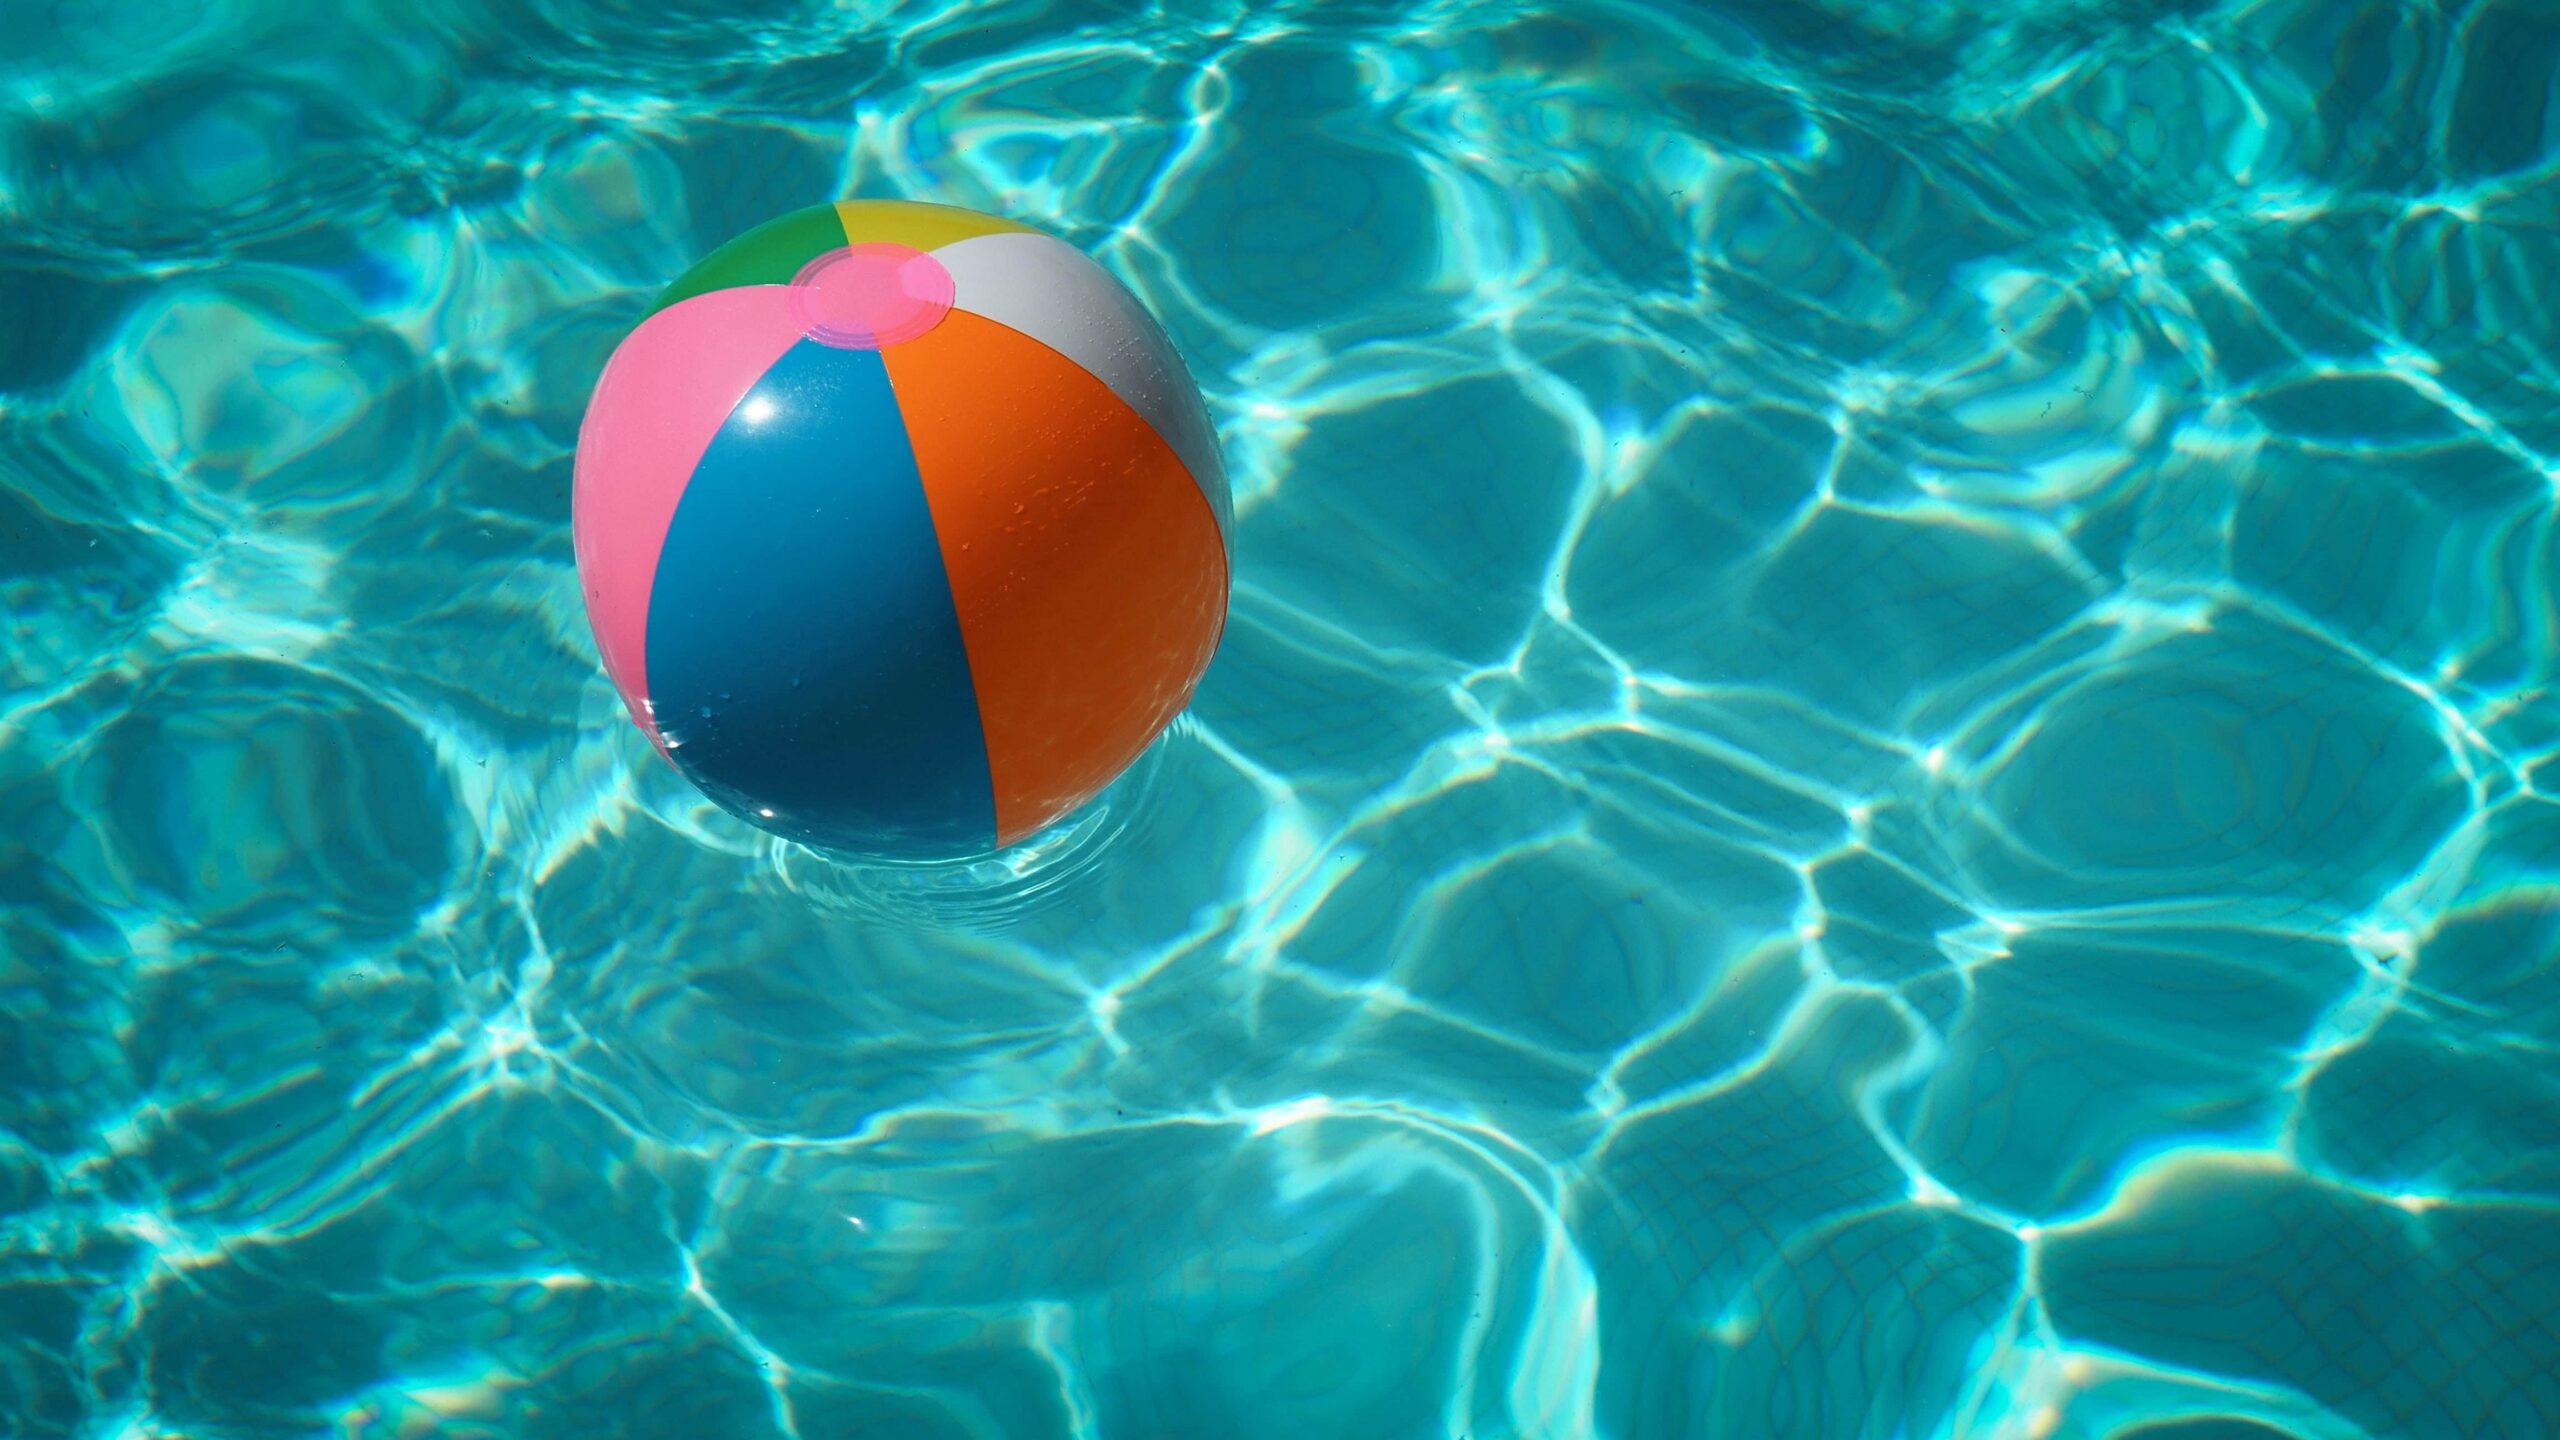 Een opzetzwembad opbouwen in jouw tuin doe je zo